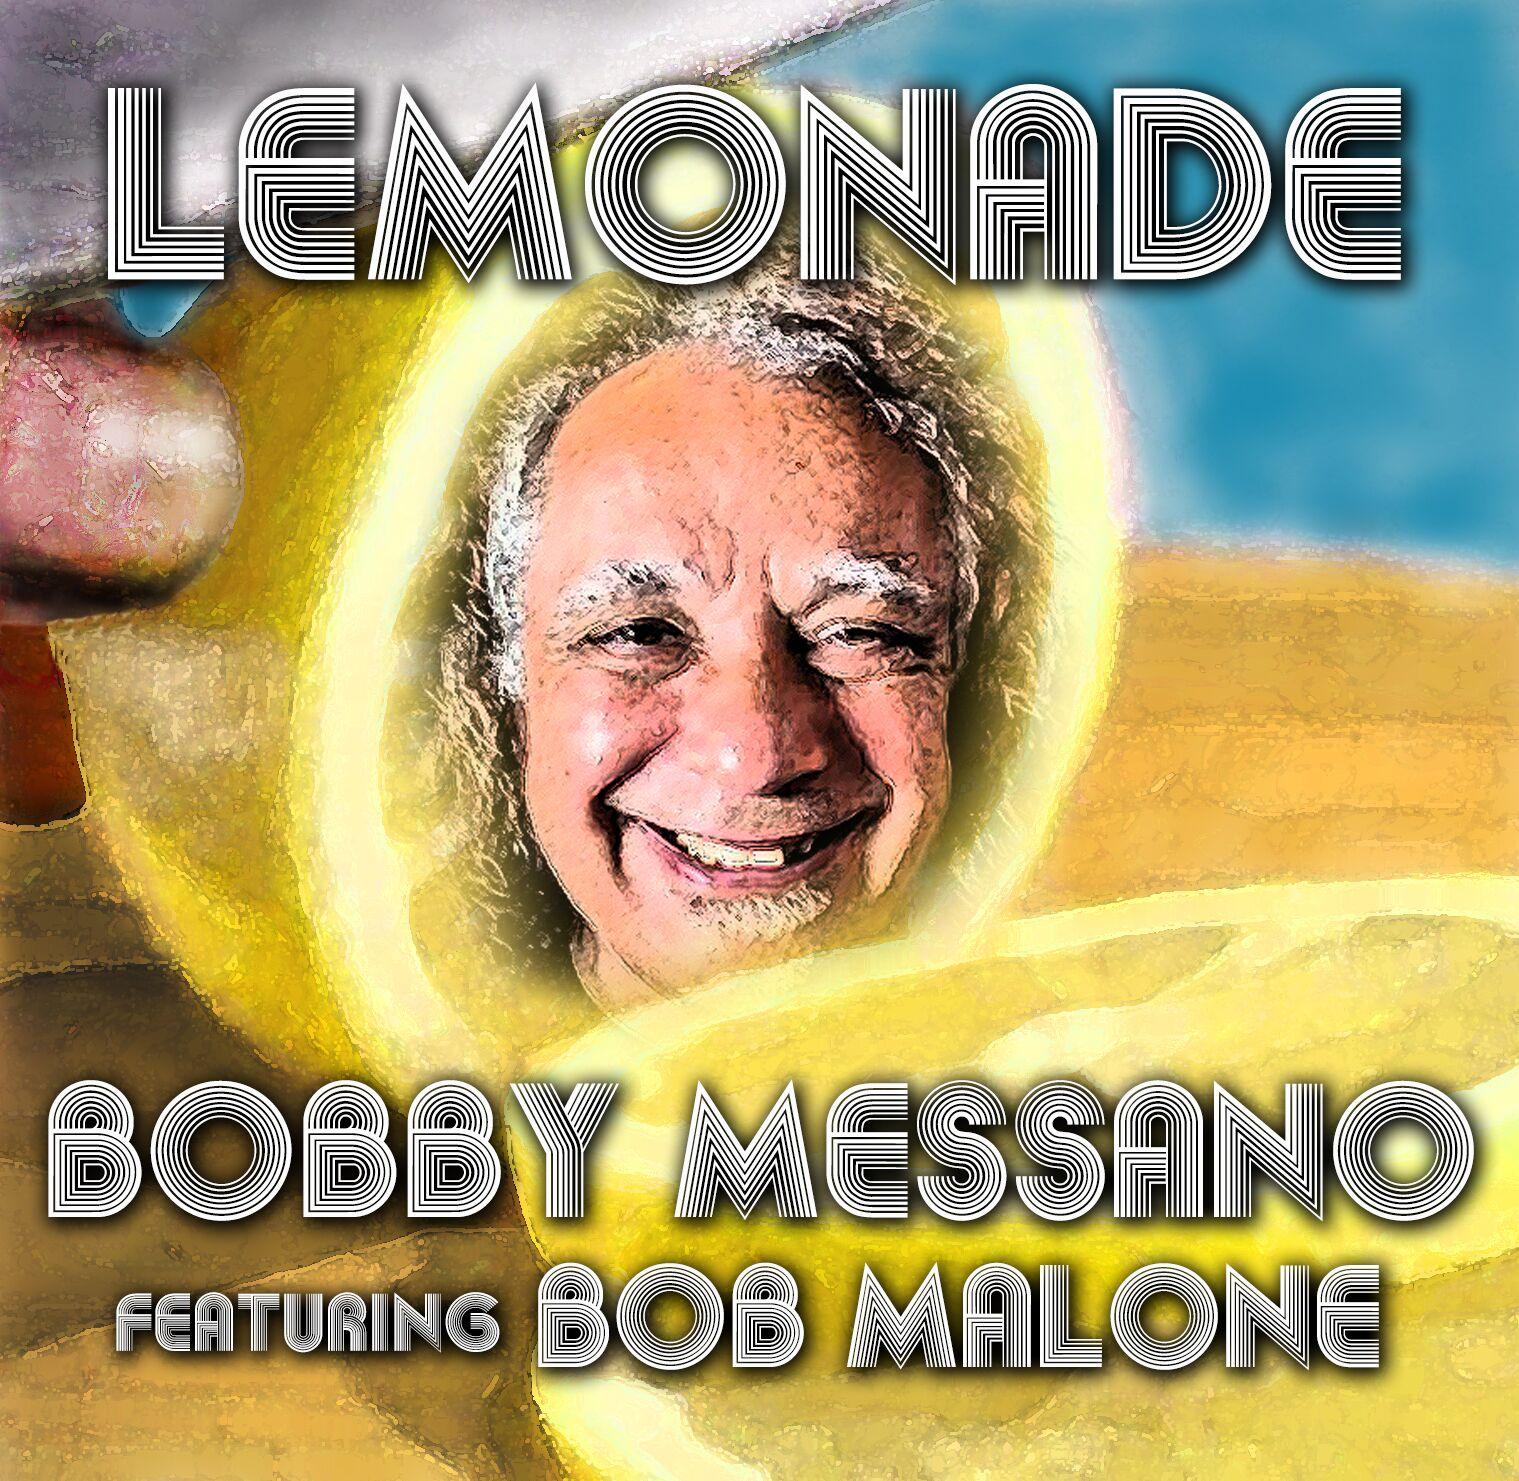 http://www.somuchmoore.com/images/releases/BM_lomonade.jpg